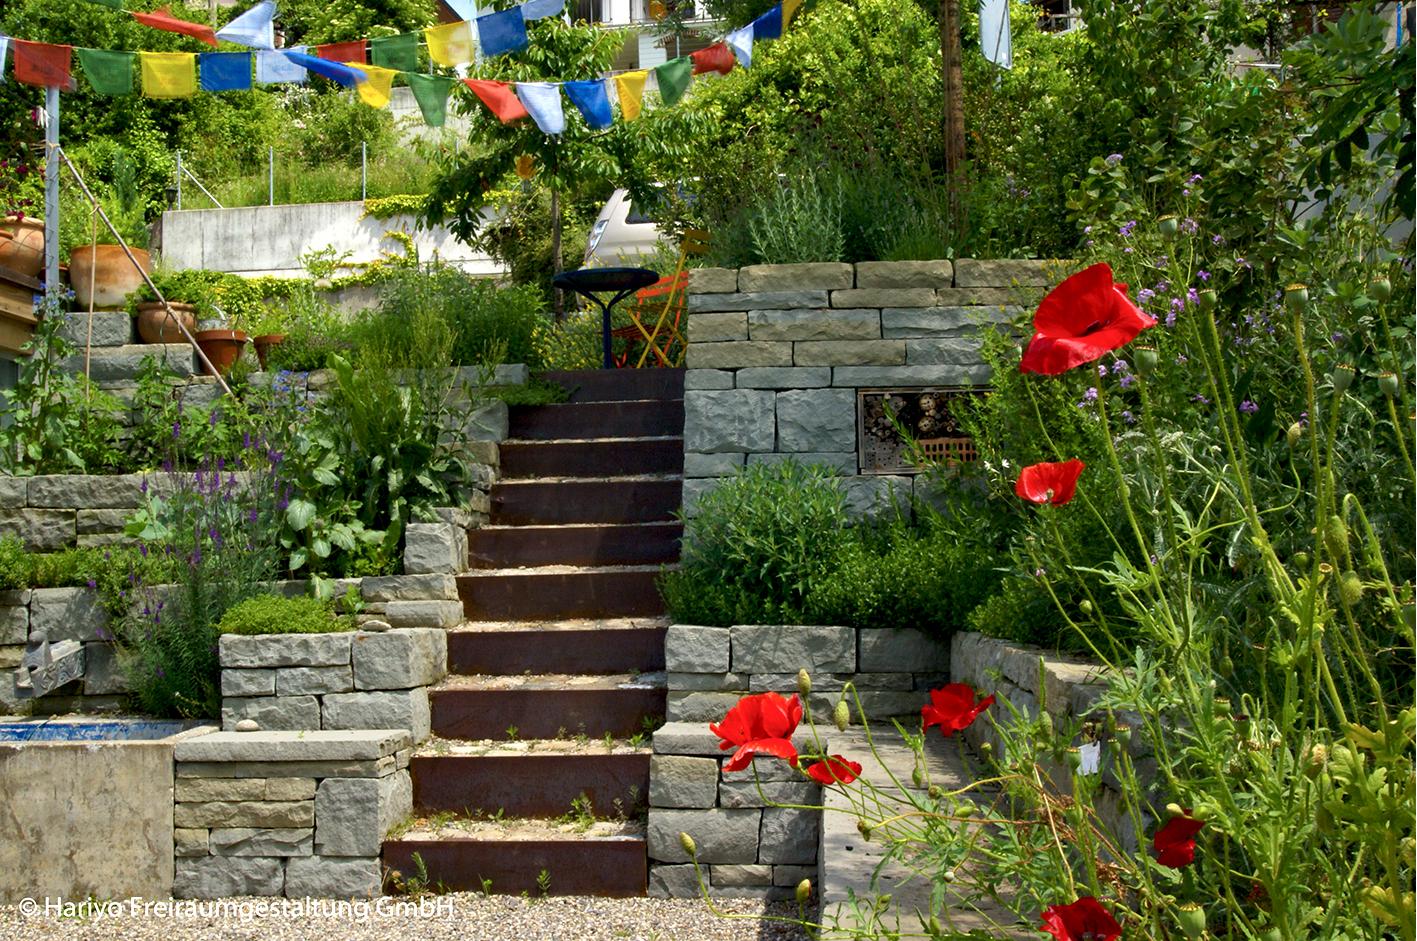 Wunderschöne Motive im Familiengarten mit Trockenmauern, Stahltreppe, rotem Mohn und wehenden Gebetsfahnen